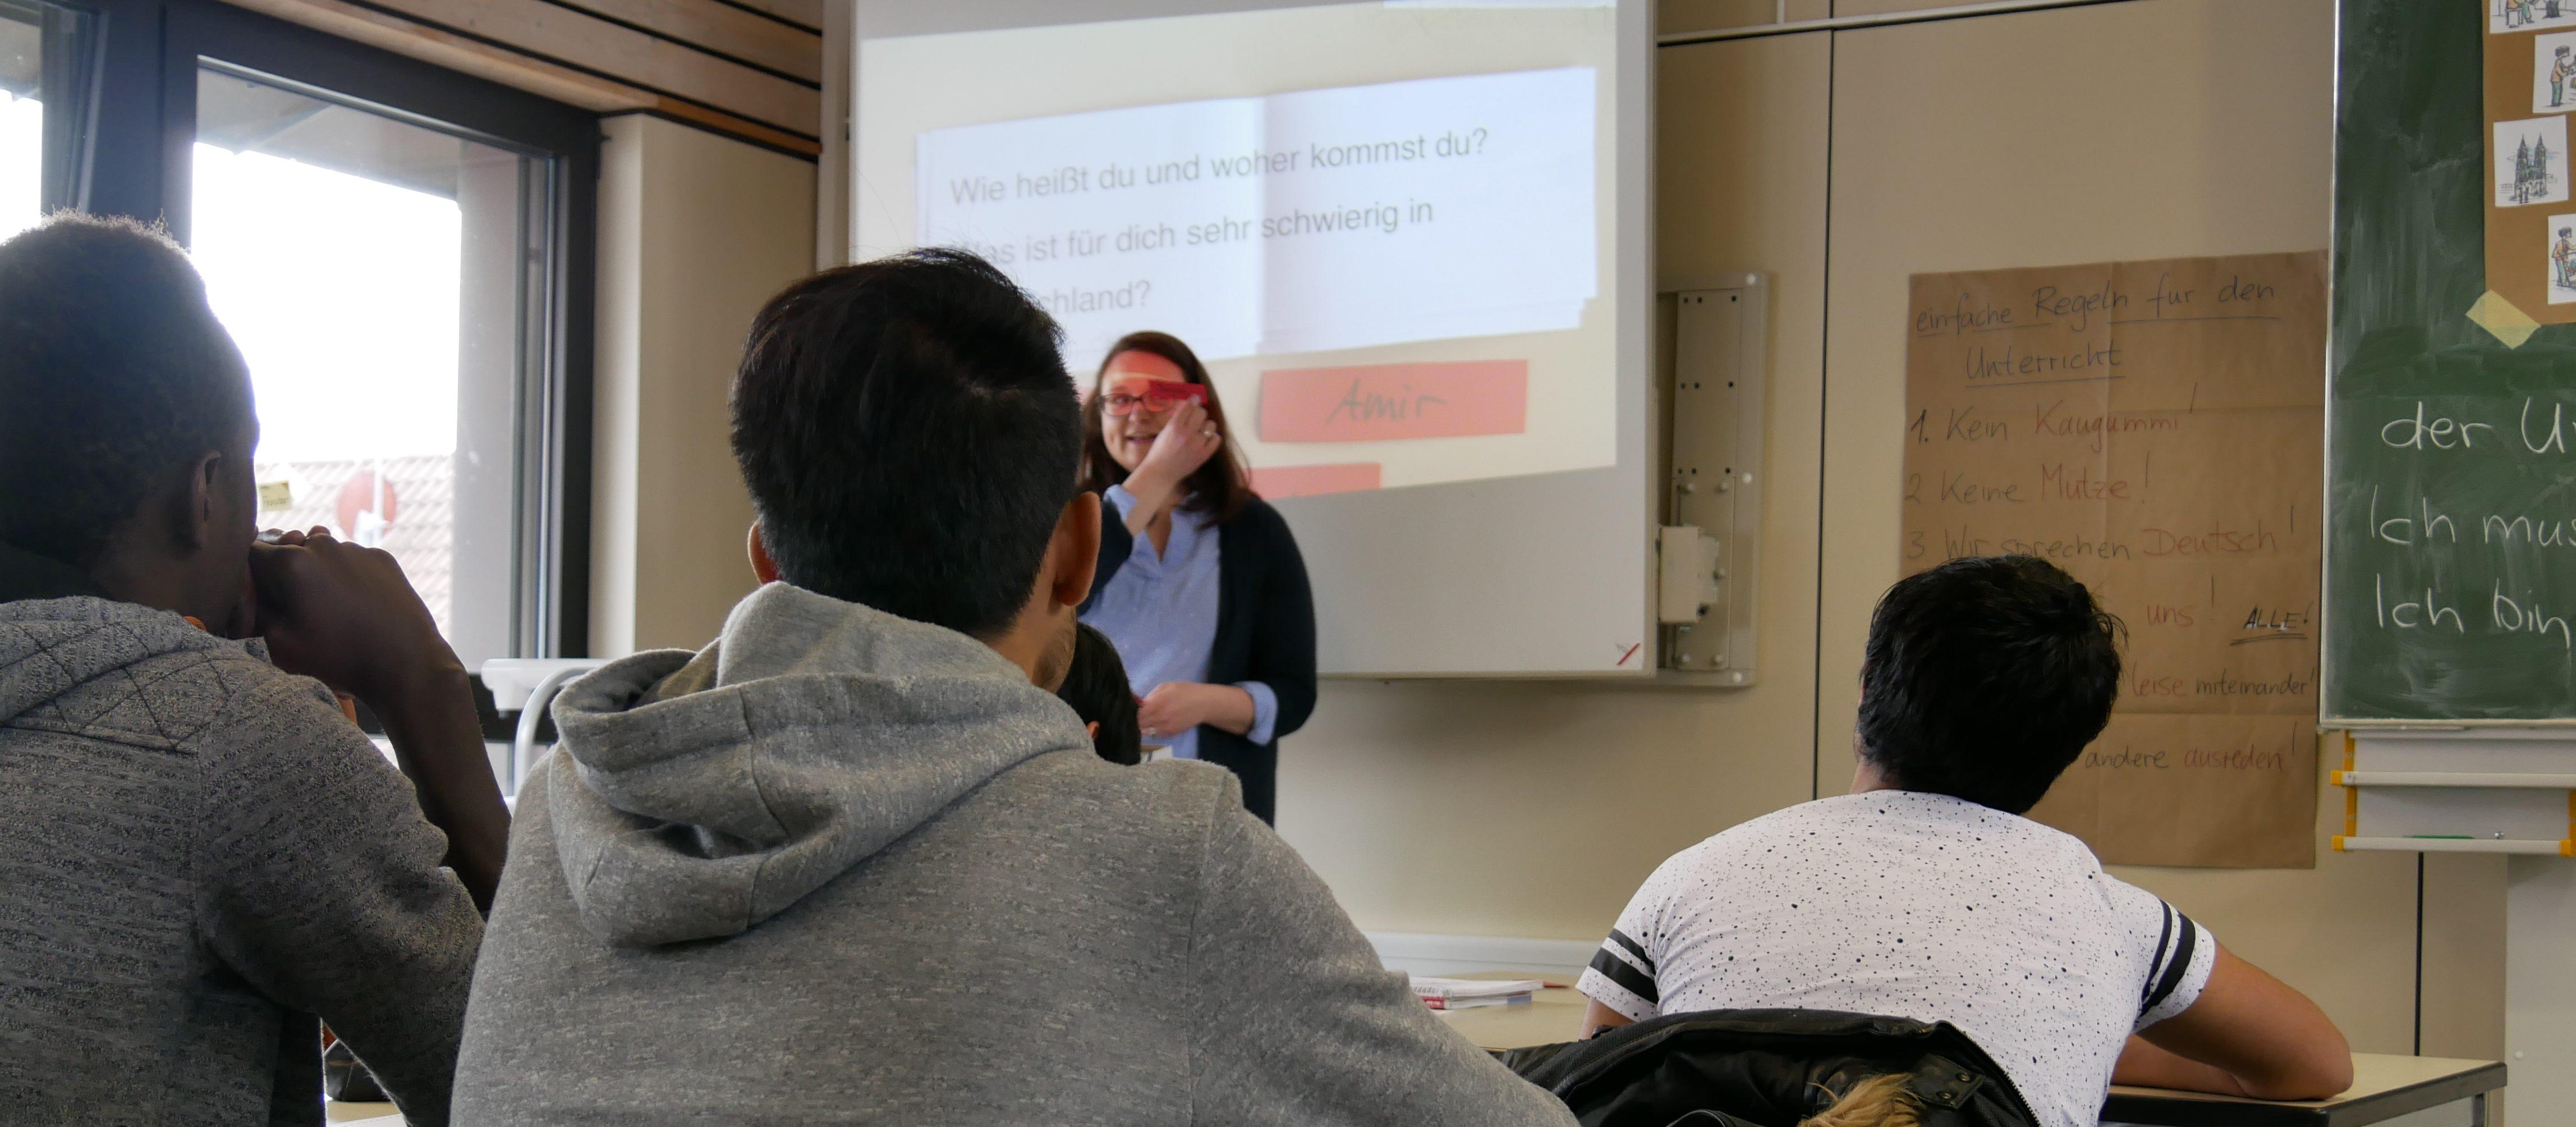 Flüchtlinge im Sprachenunterricht. Foto: Uwe Roth